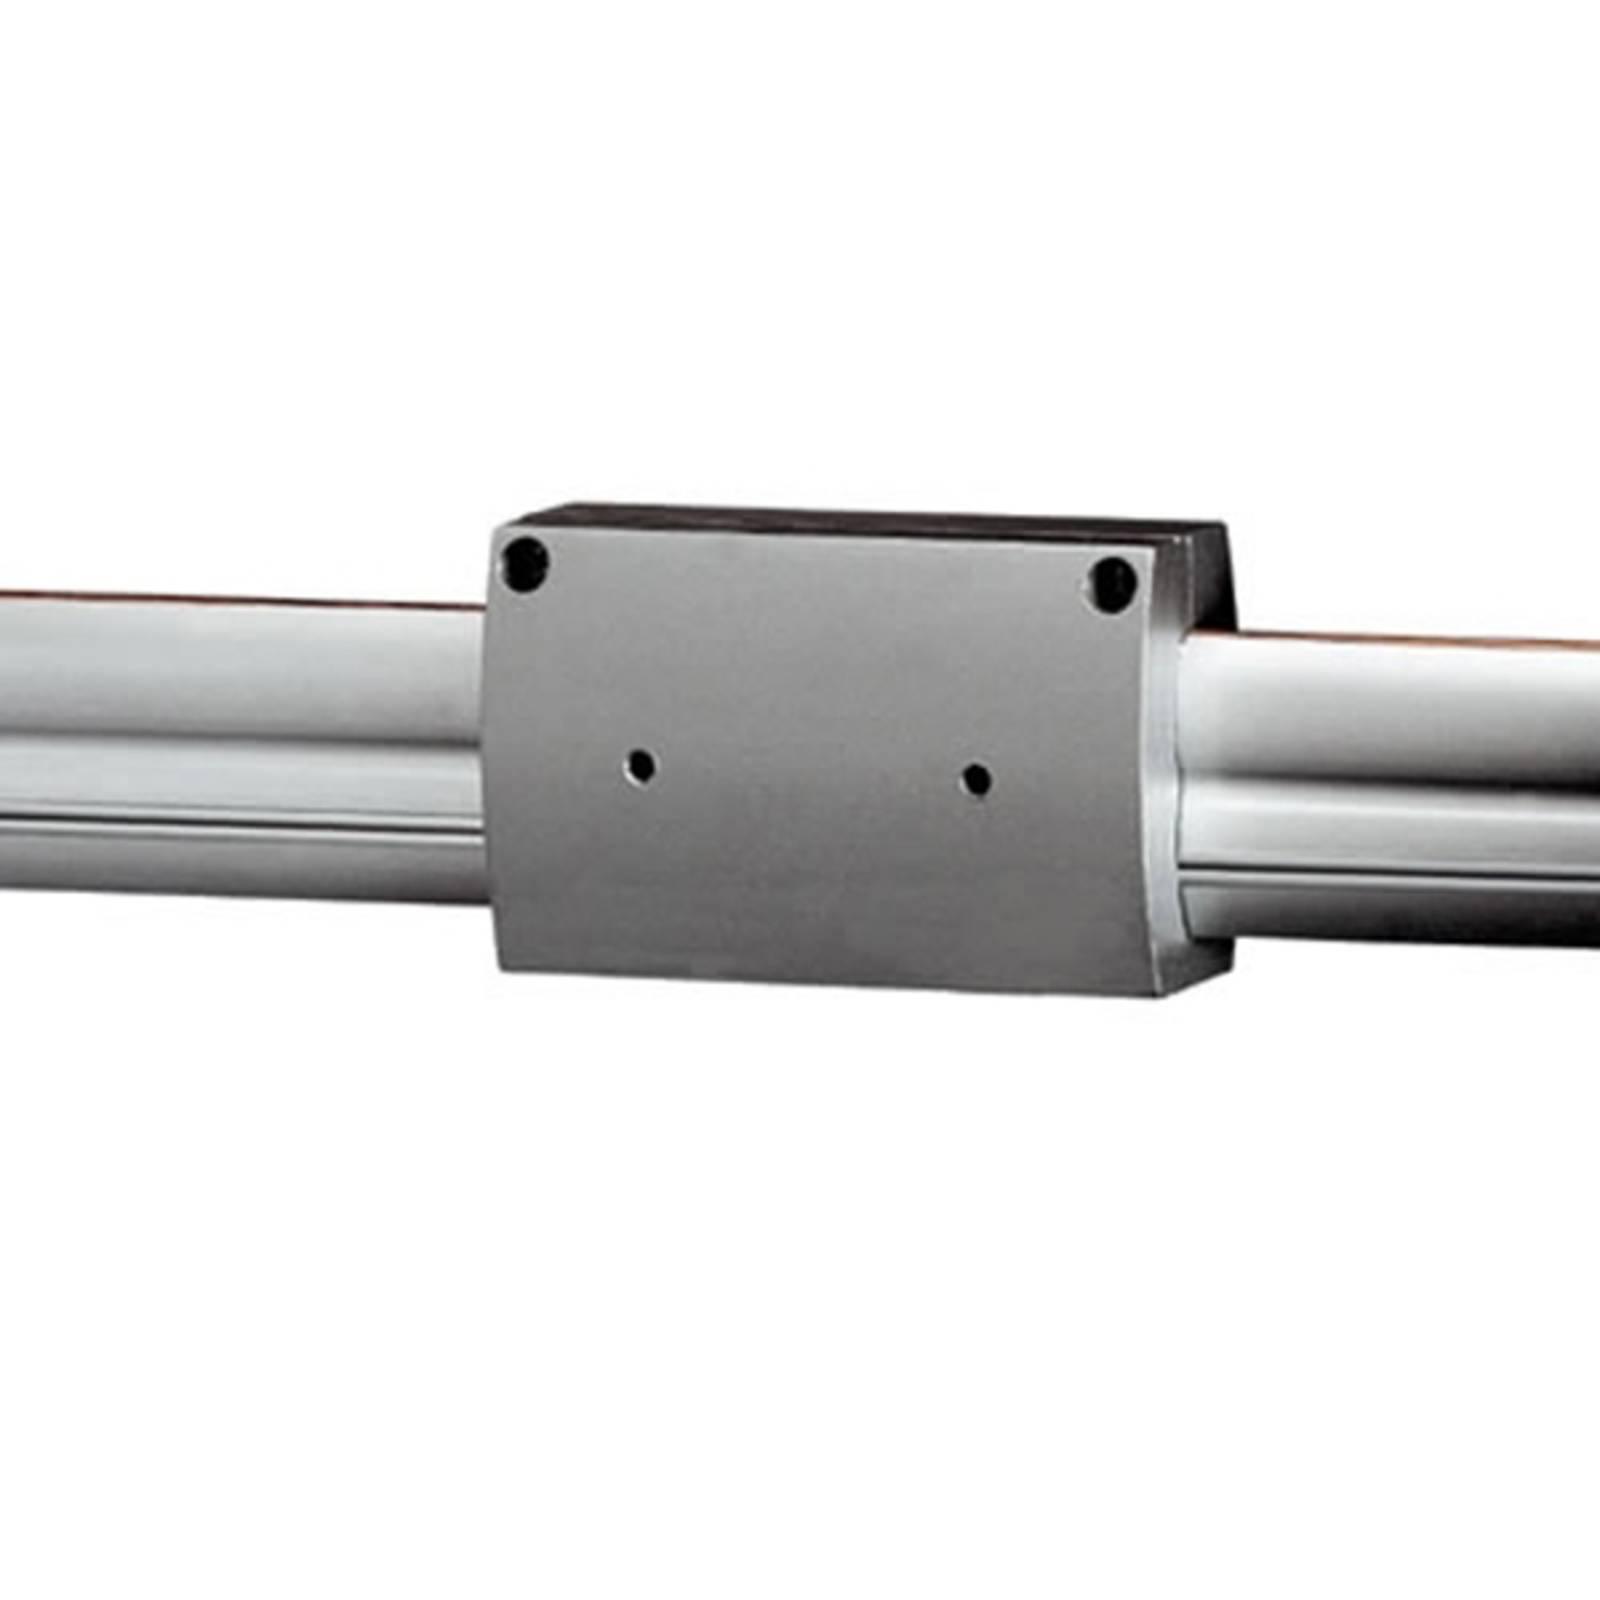 Connettore diritto per binario a.t. grigio argento